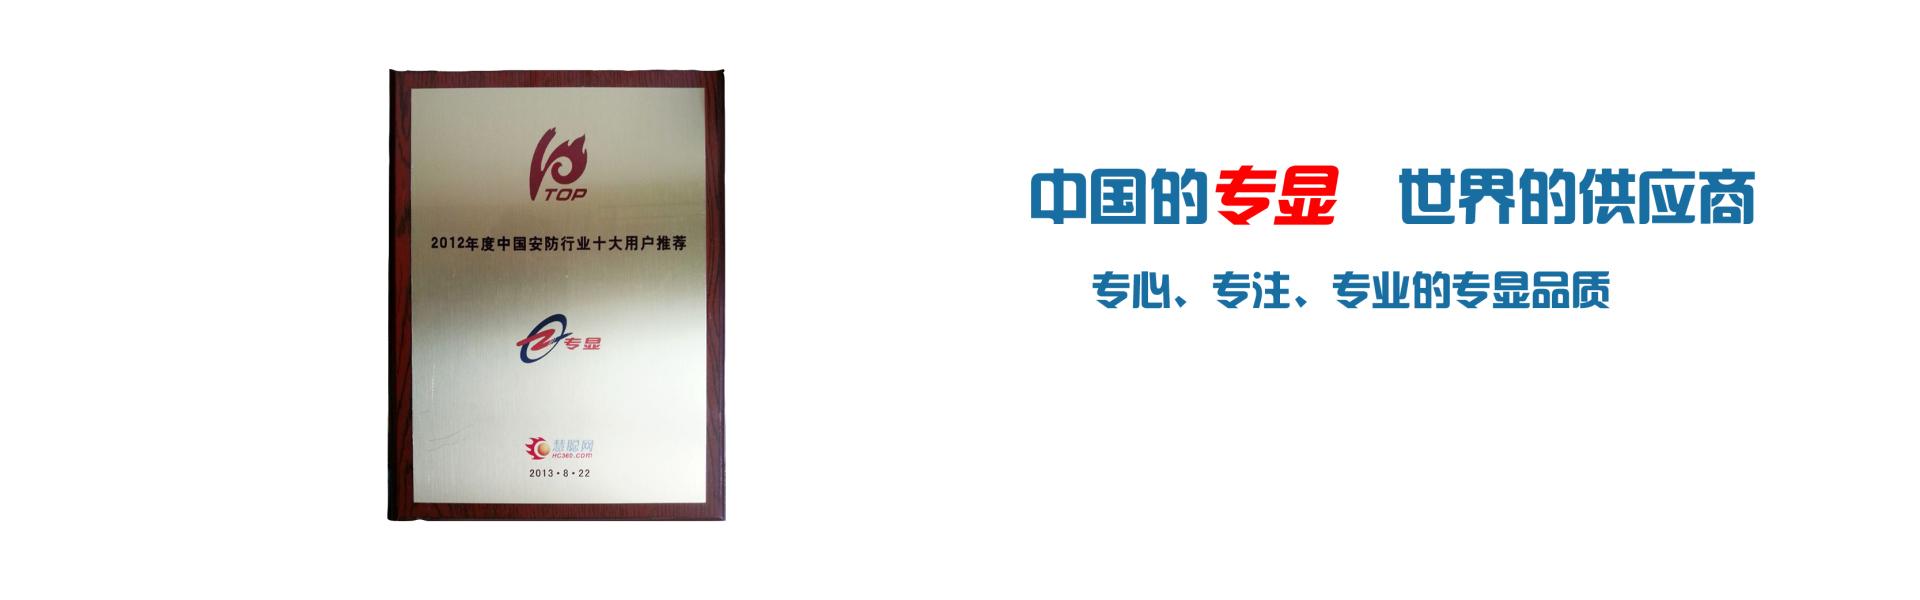 湖北专显网站首页形象图四